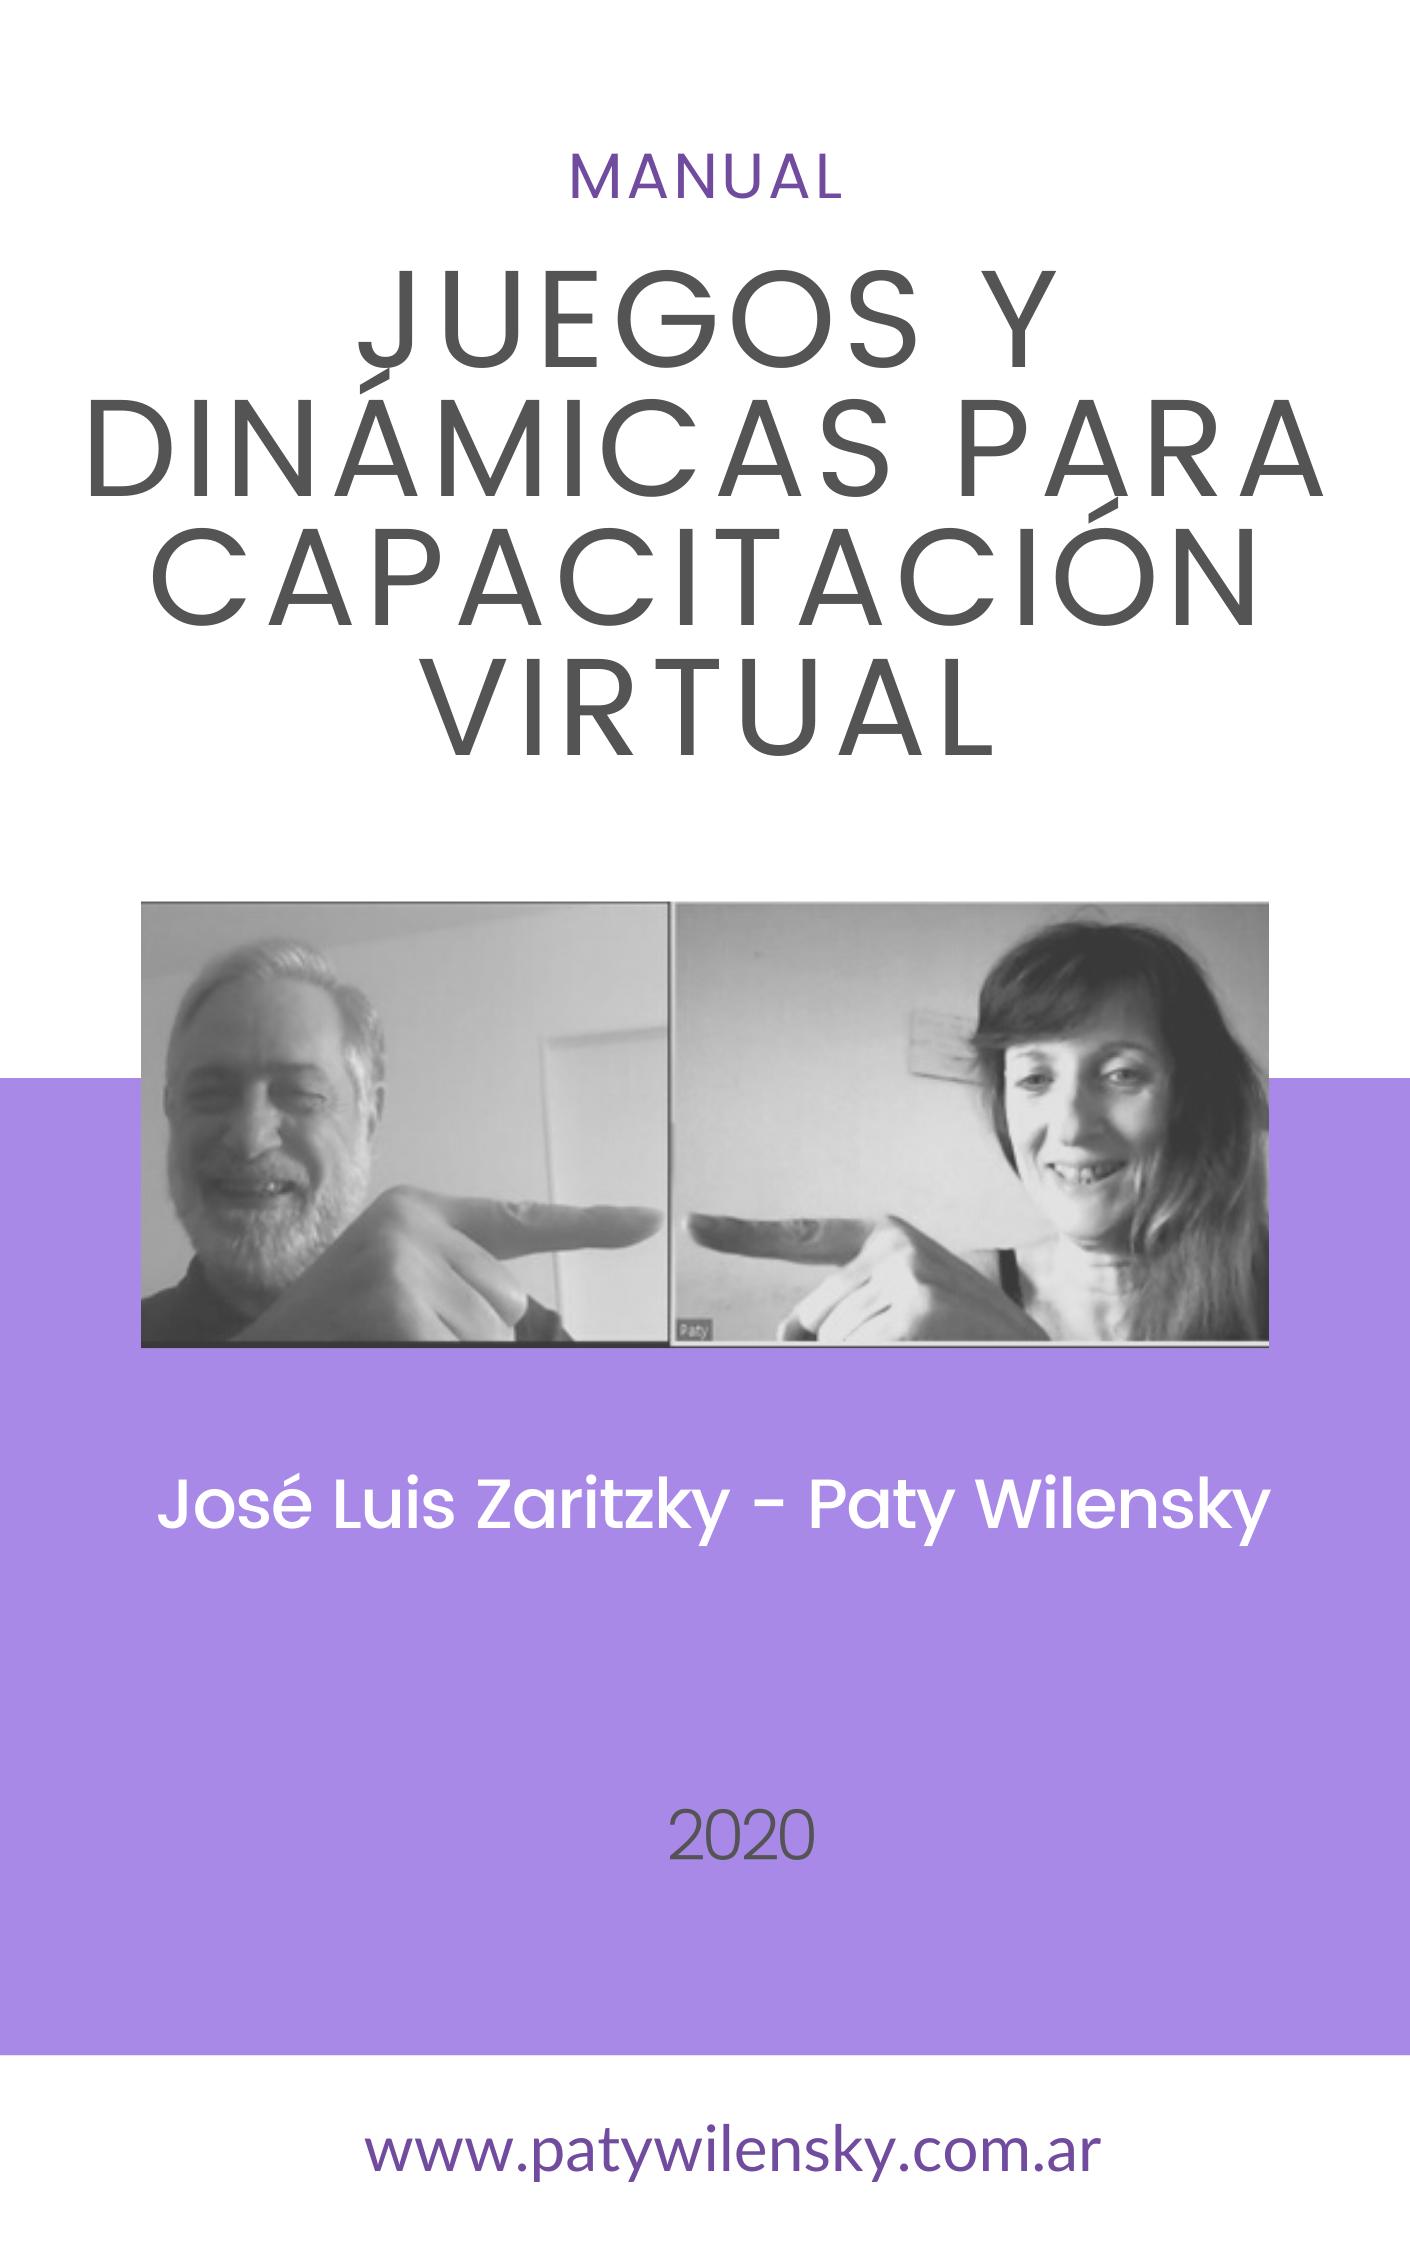 Manual para capacitación virtual